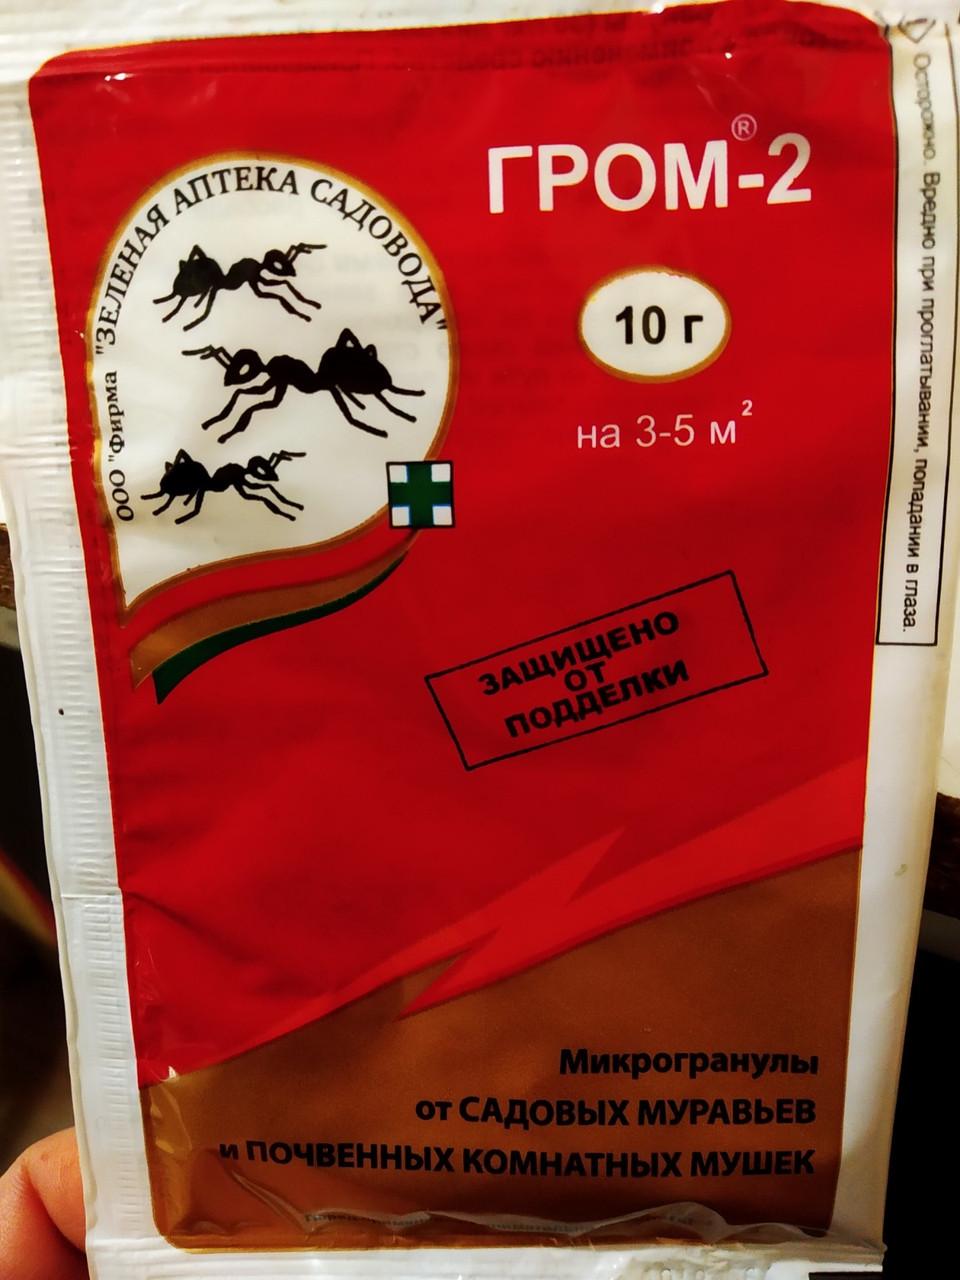 Мікрогранули інсектицид від садових мурашок і грунтових мушок Грім 2 10 грам, Зелена аптека Садівника